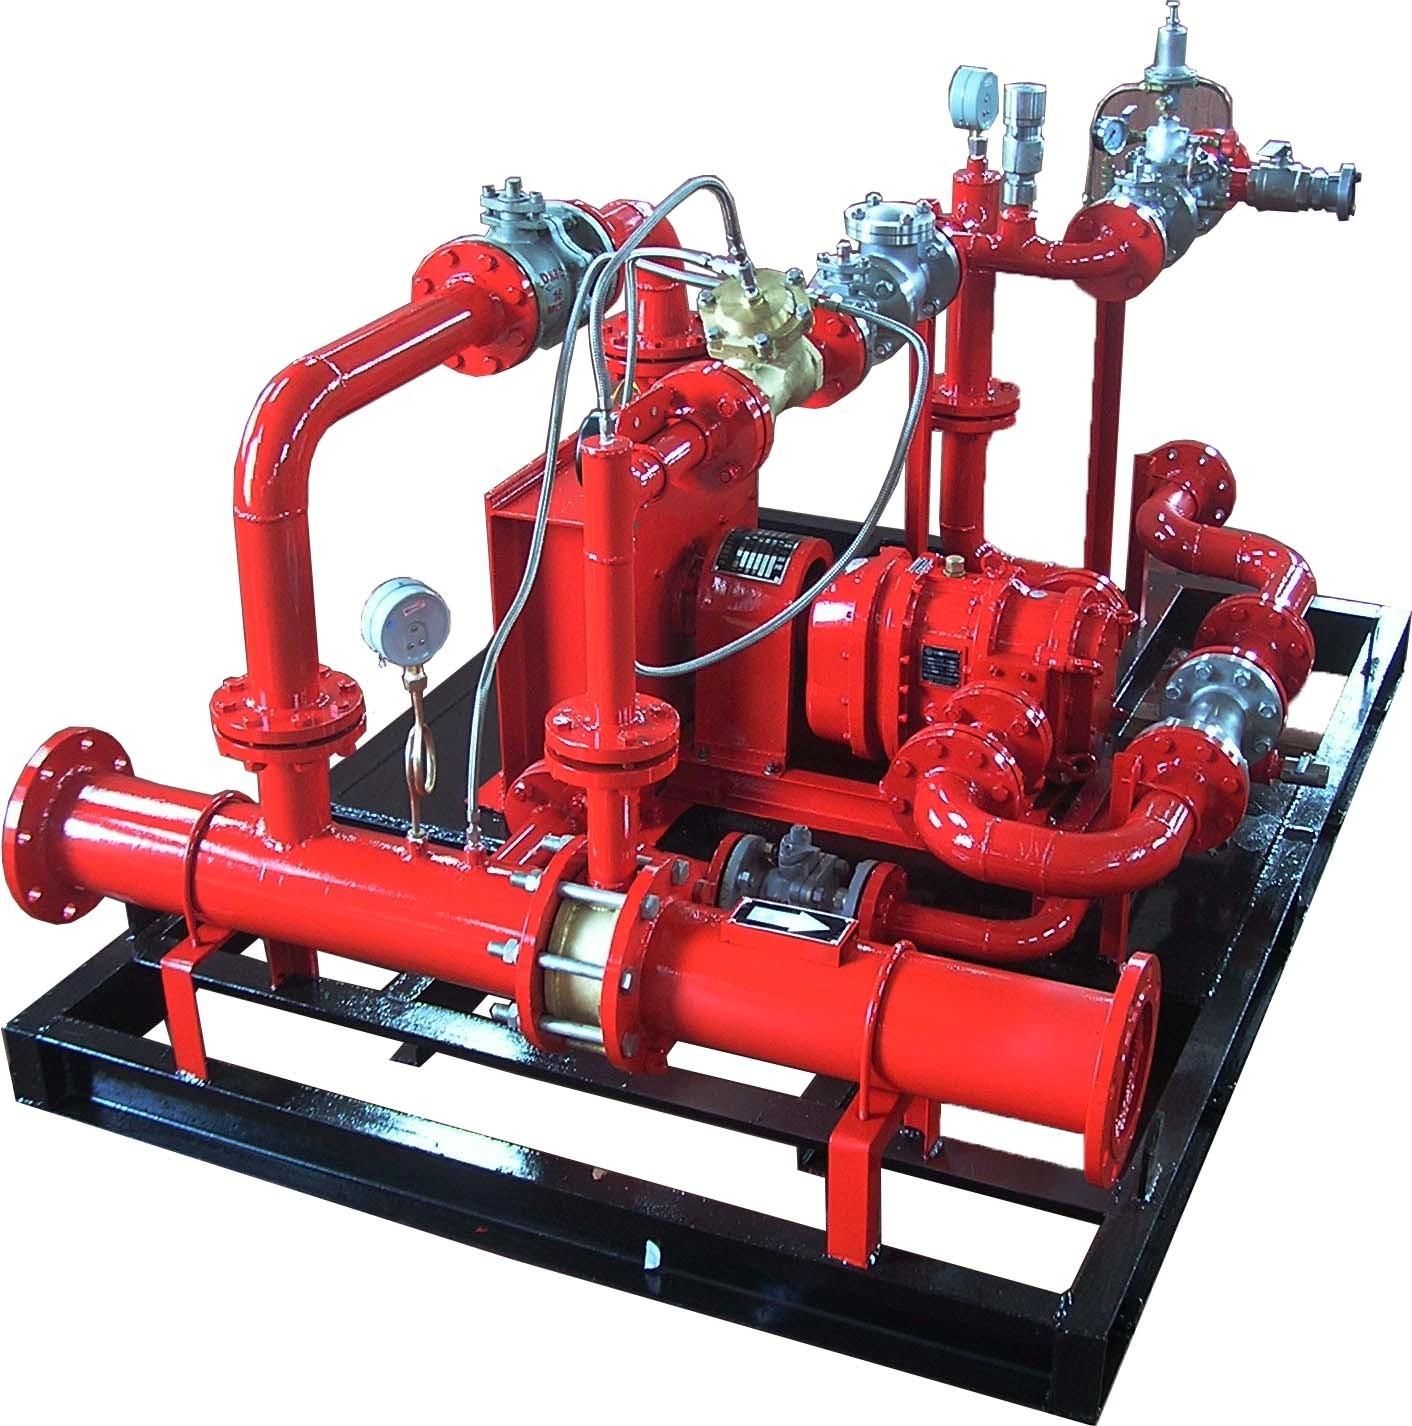 246免费资料大全_水轮机驱动型平衡式比例混合装置